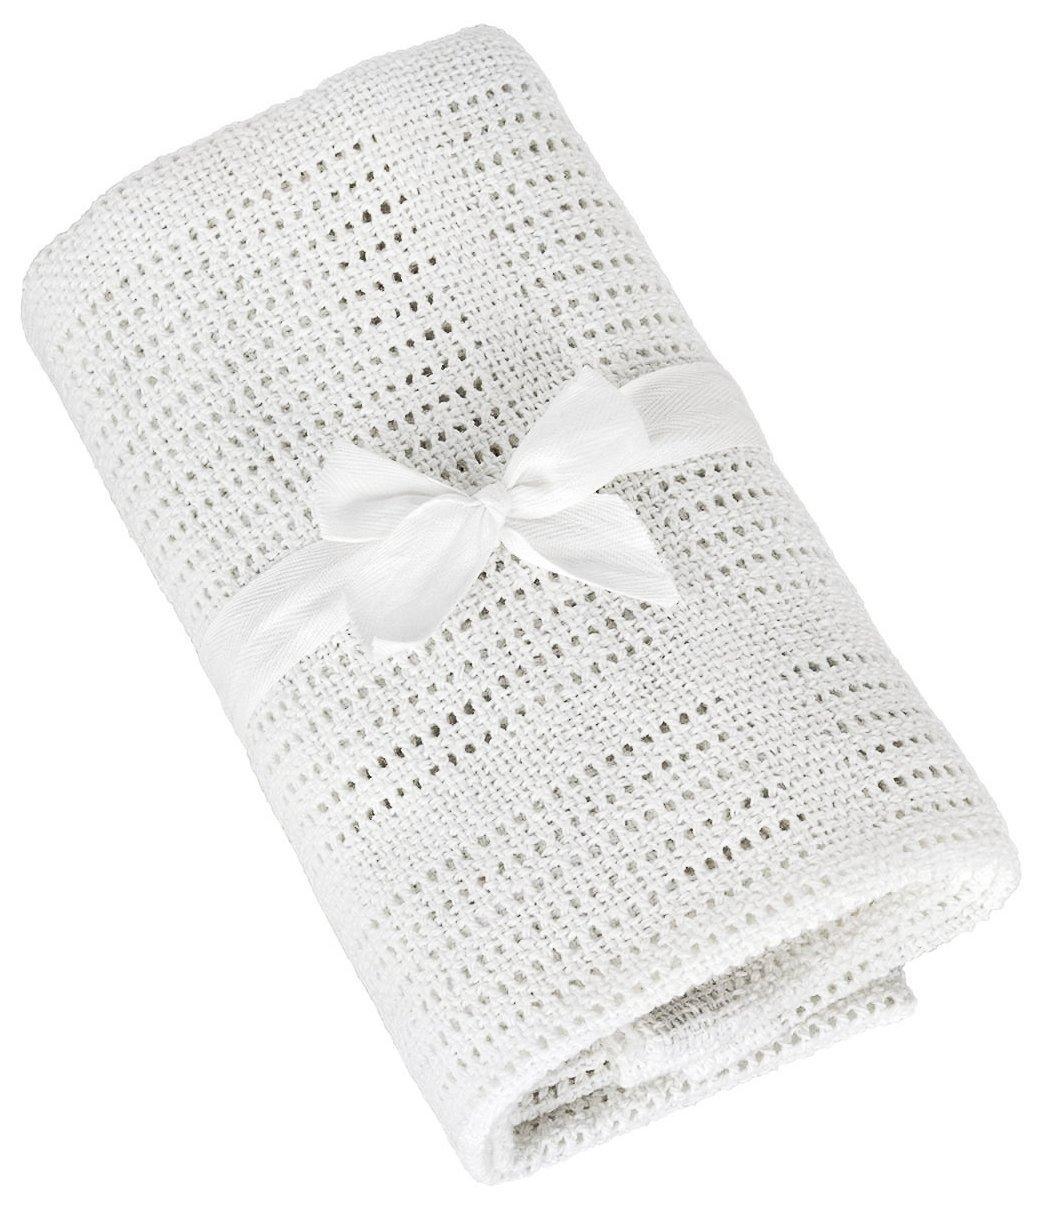 TALINU couverture de bébé en tricot avec nœud cadeau (70cm x 90 cm, 100% coton) | 2 ans de garantie de satisfaction | couverture nouveau-né eSpring GmbH